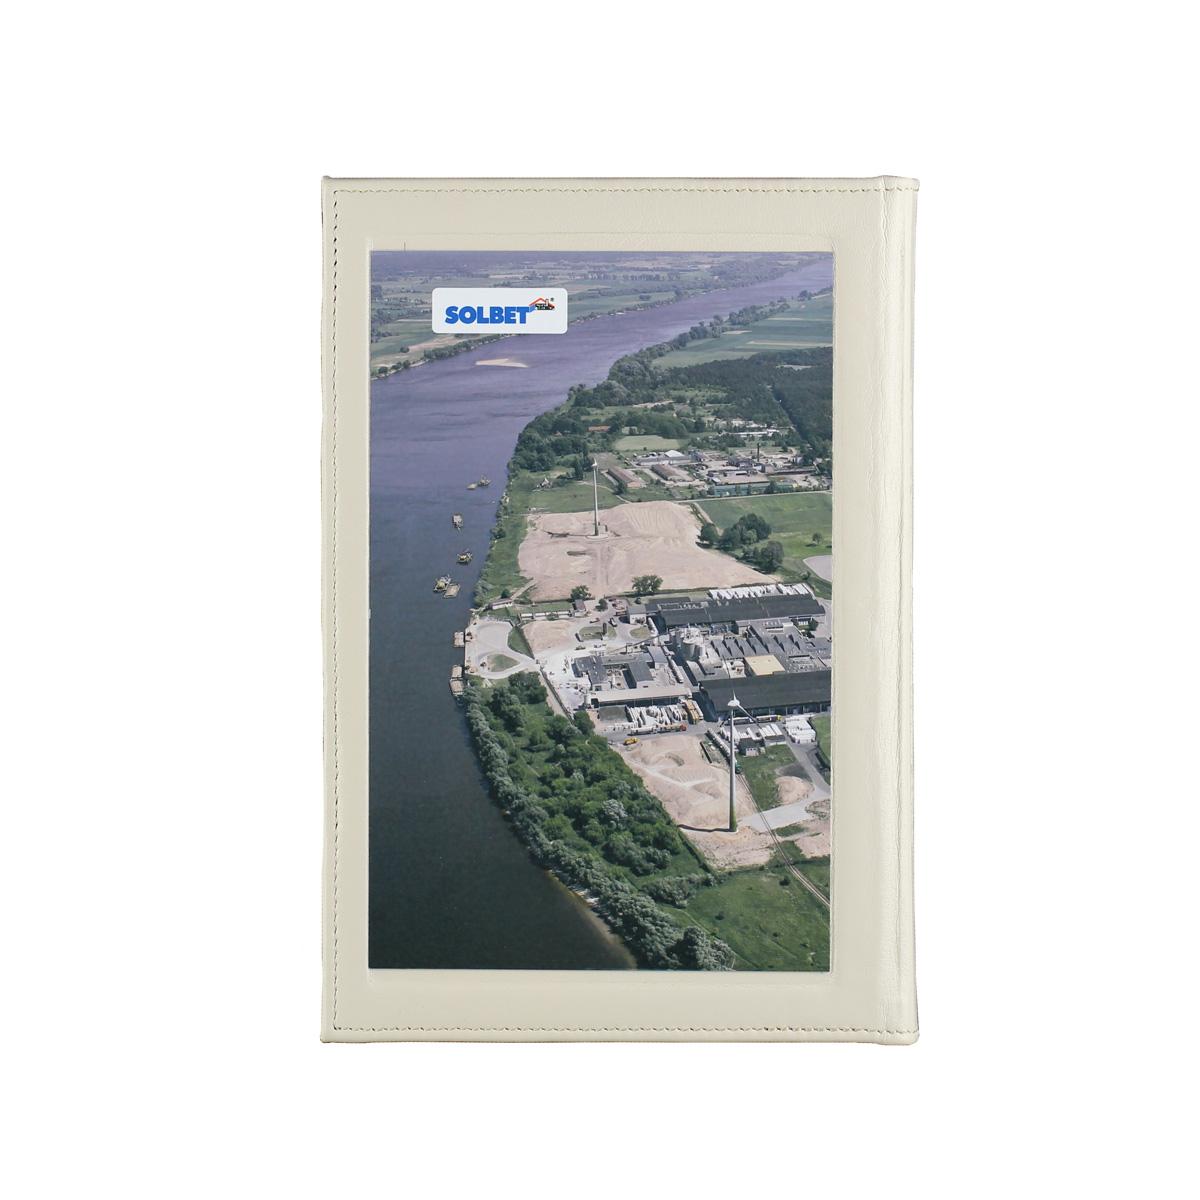 Książka z wtawioną blachą grawerton - nadruk sublimacyjny (jakość fotografii) 3281_1 Kroniki, księgi